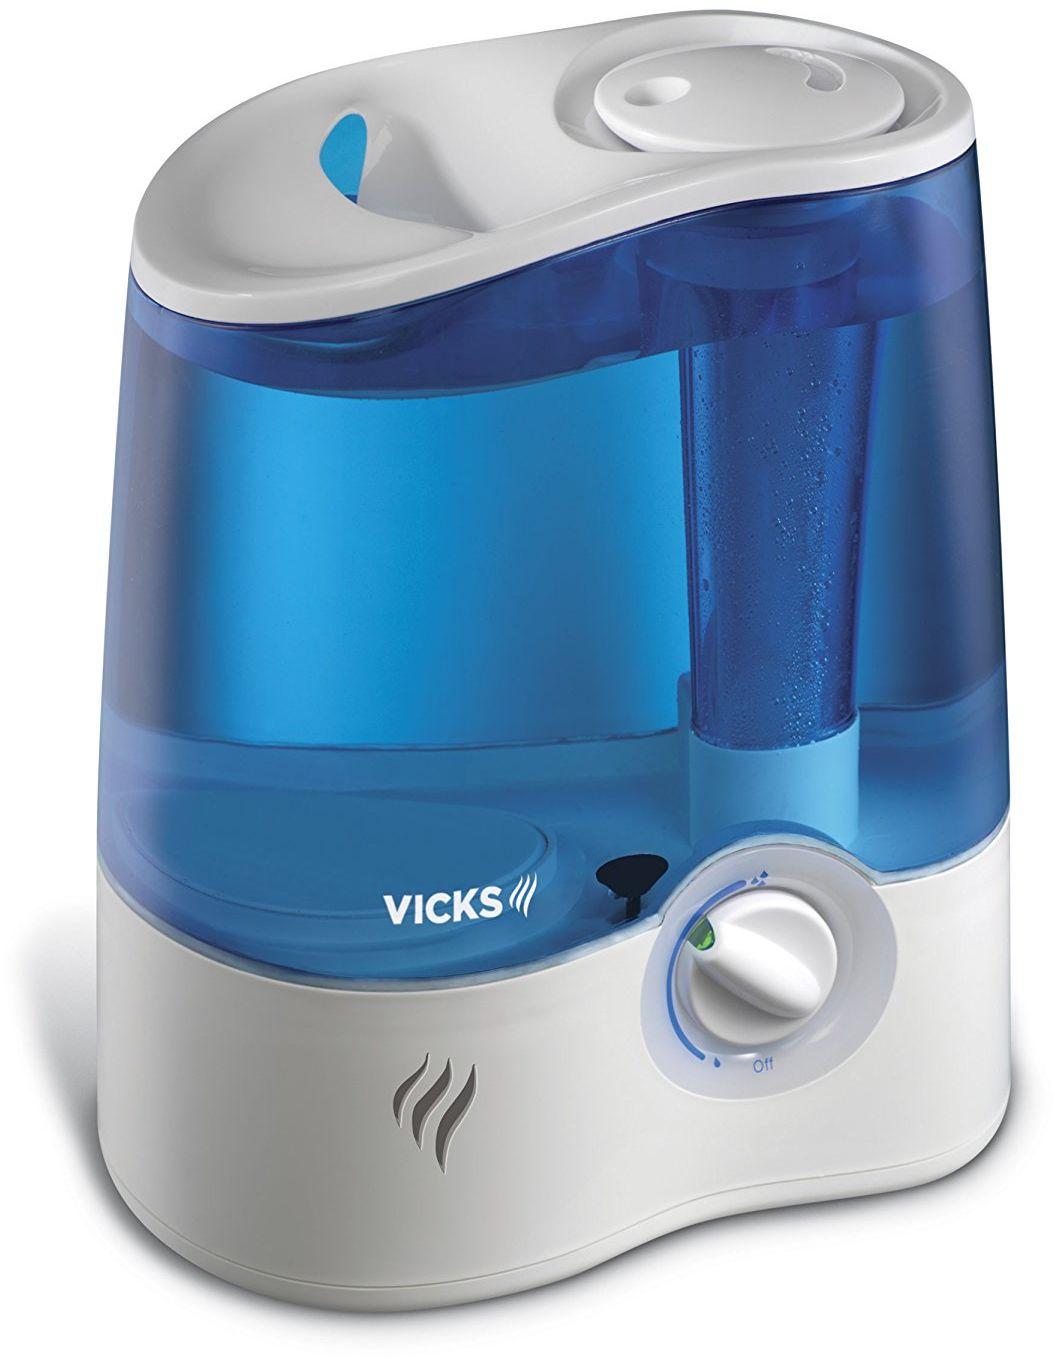 VICKS V-5200S Nawilżacz ultradźwiękowy